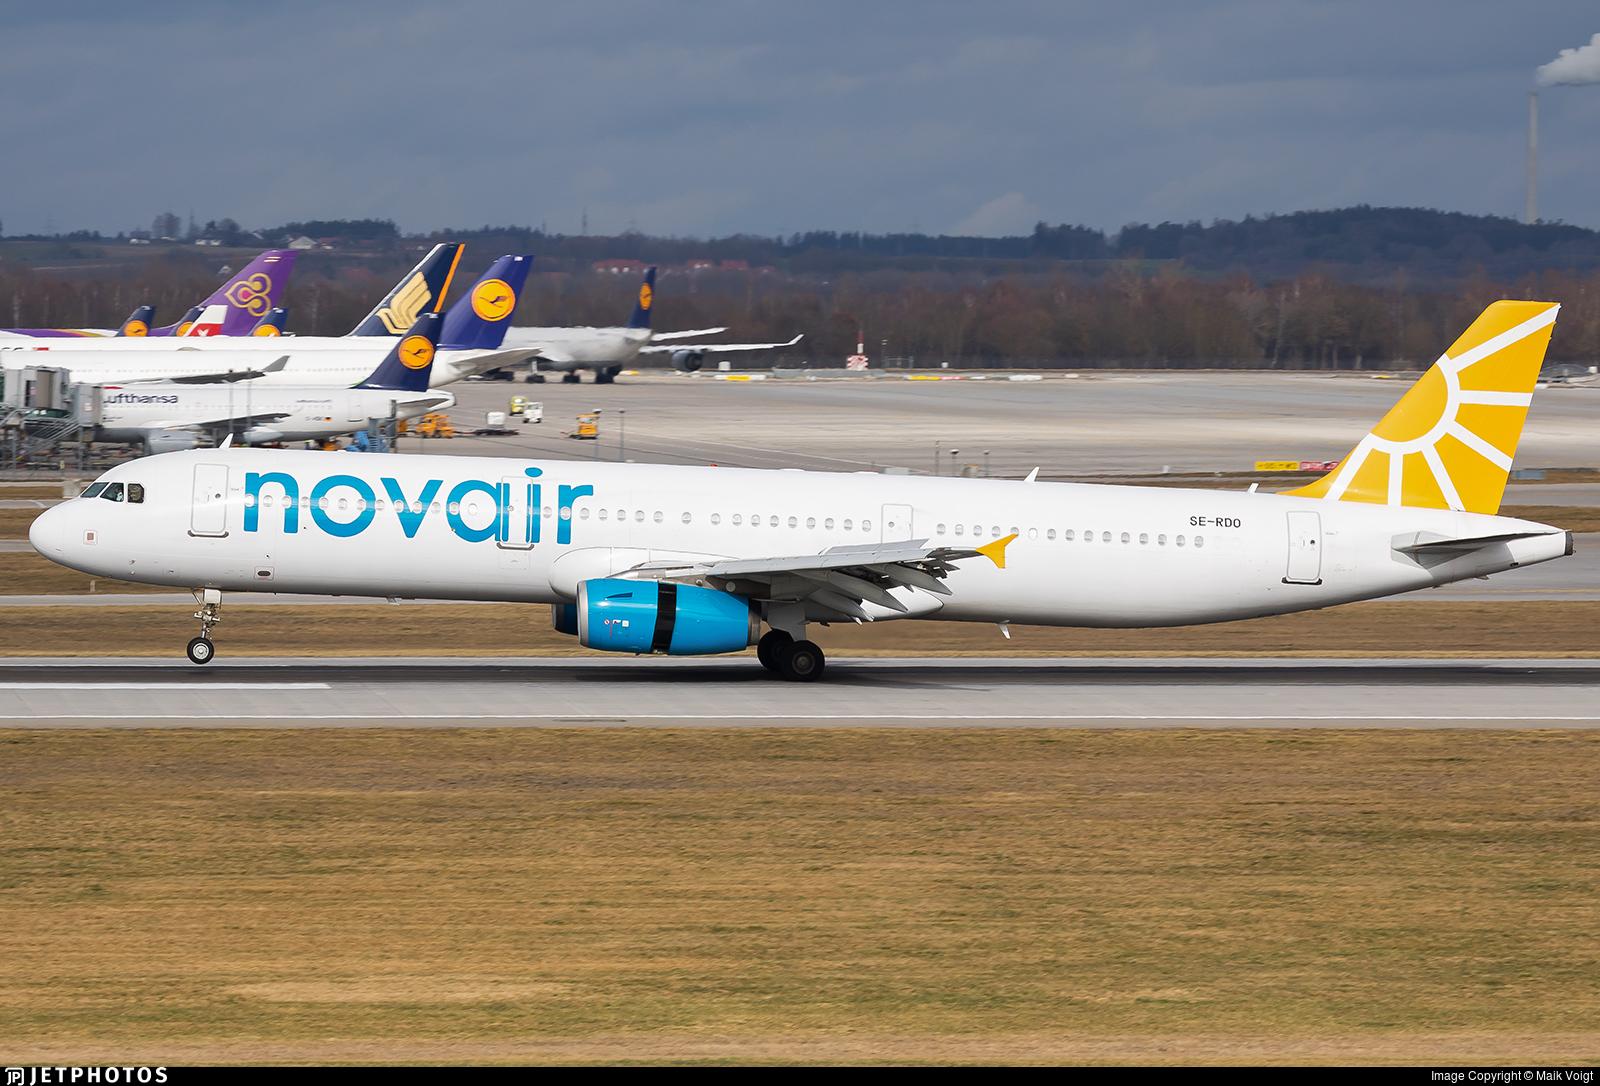 SE-RDO - Airbus A321-231 - Novair